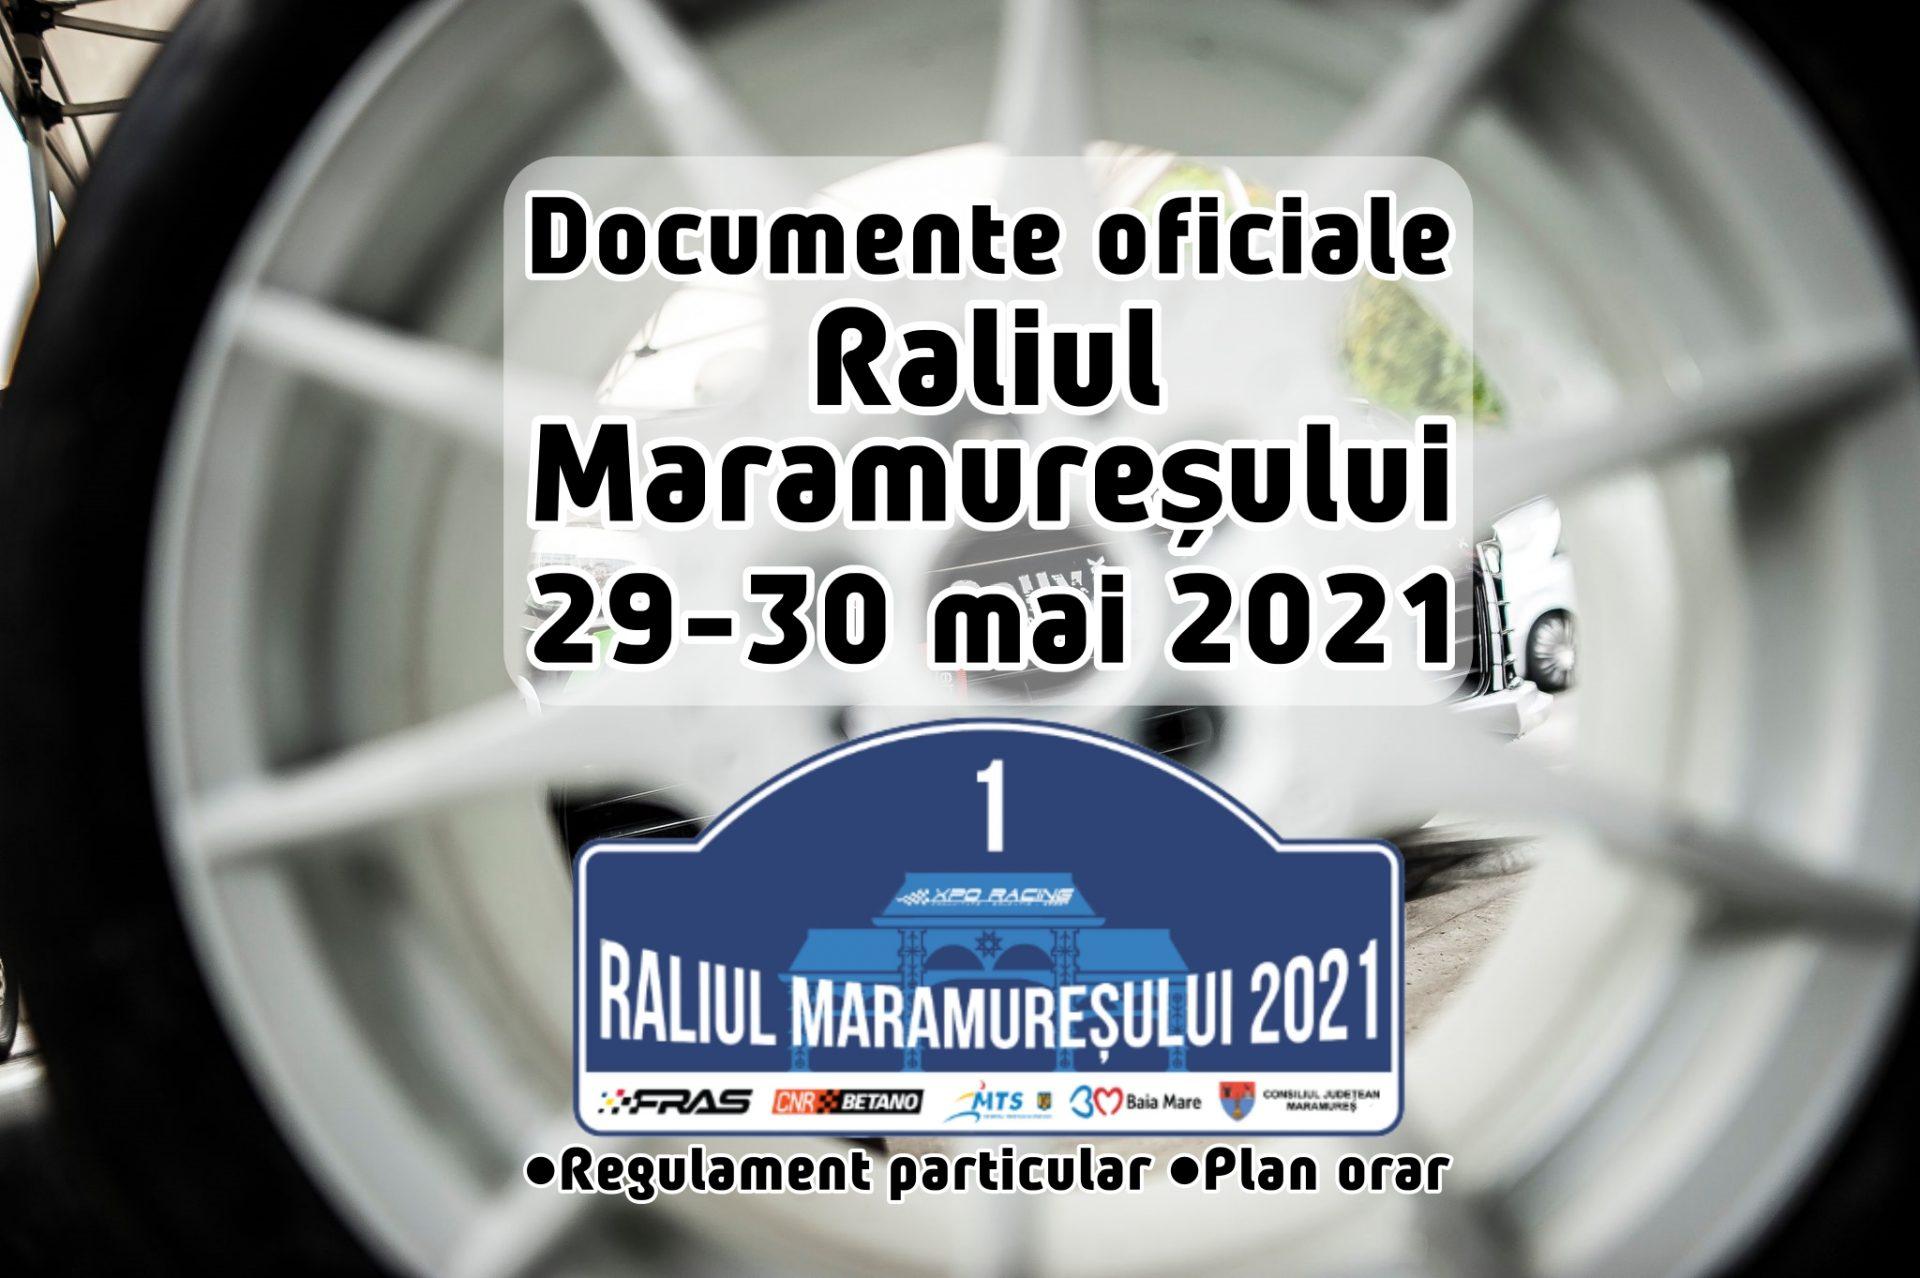 Raliul Maramureșului 2021 – Documente oficiale